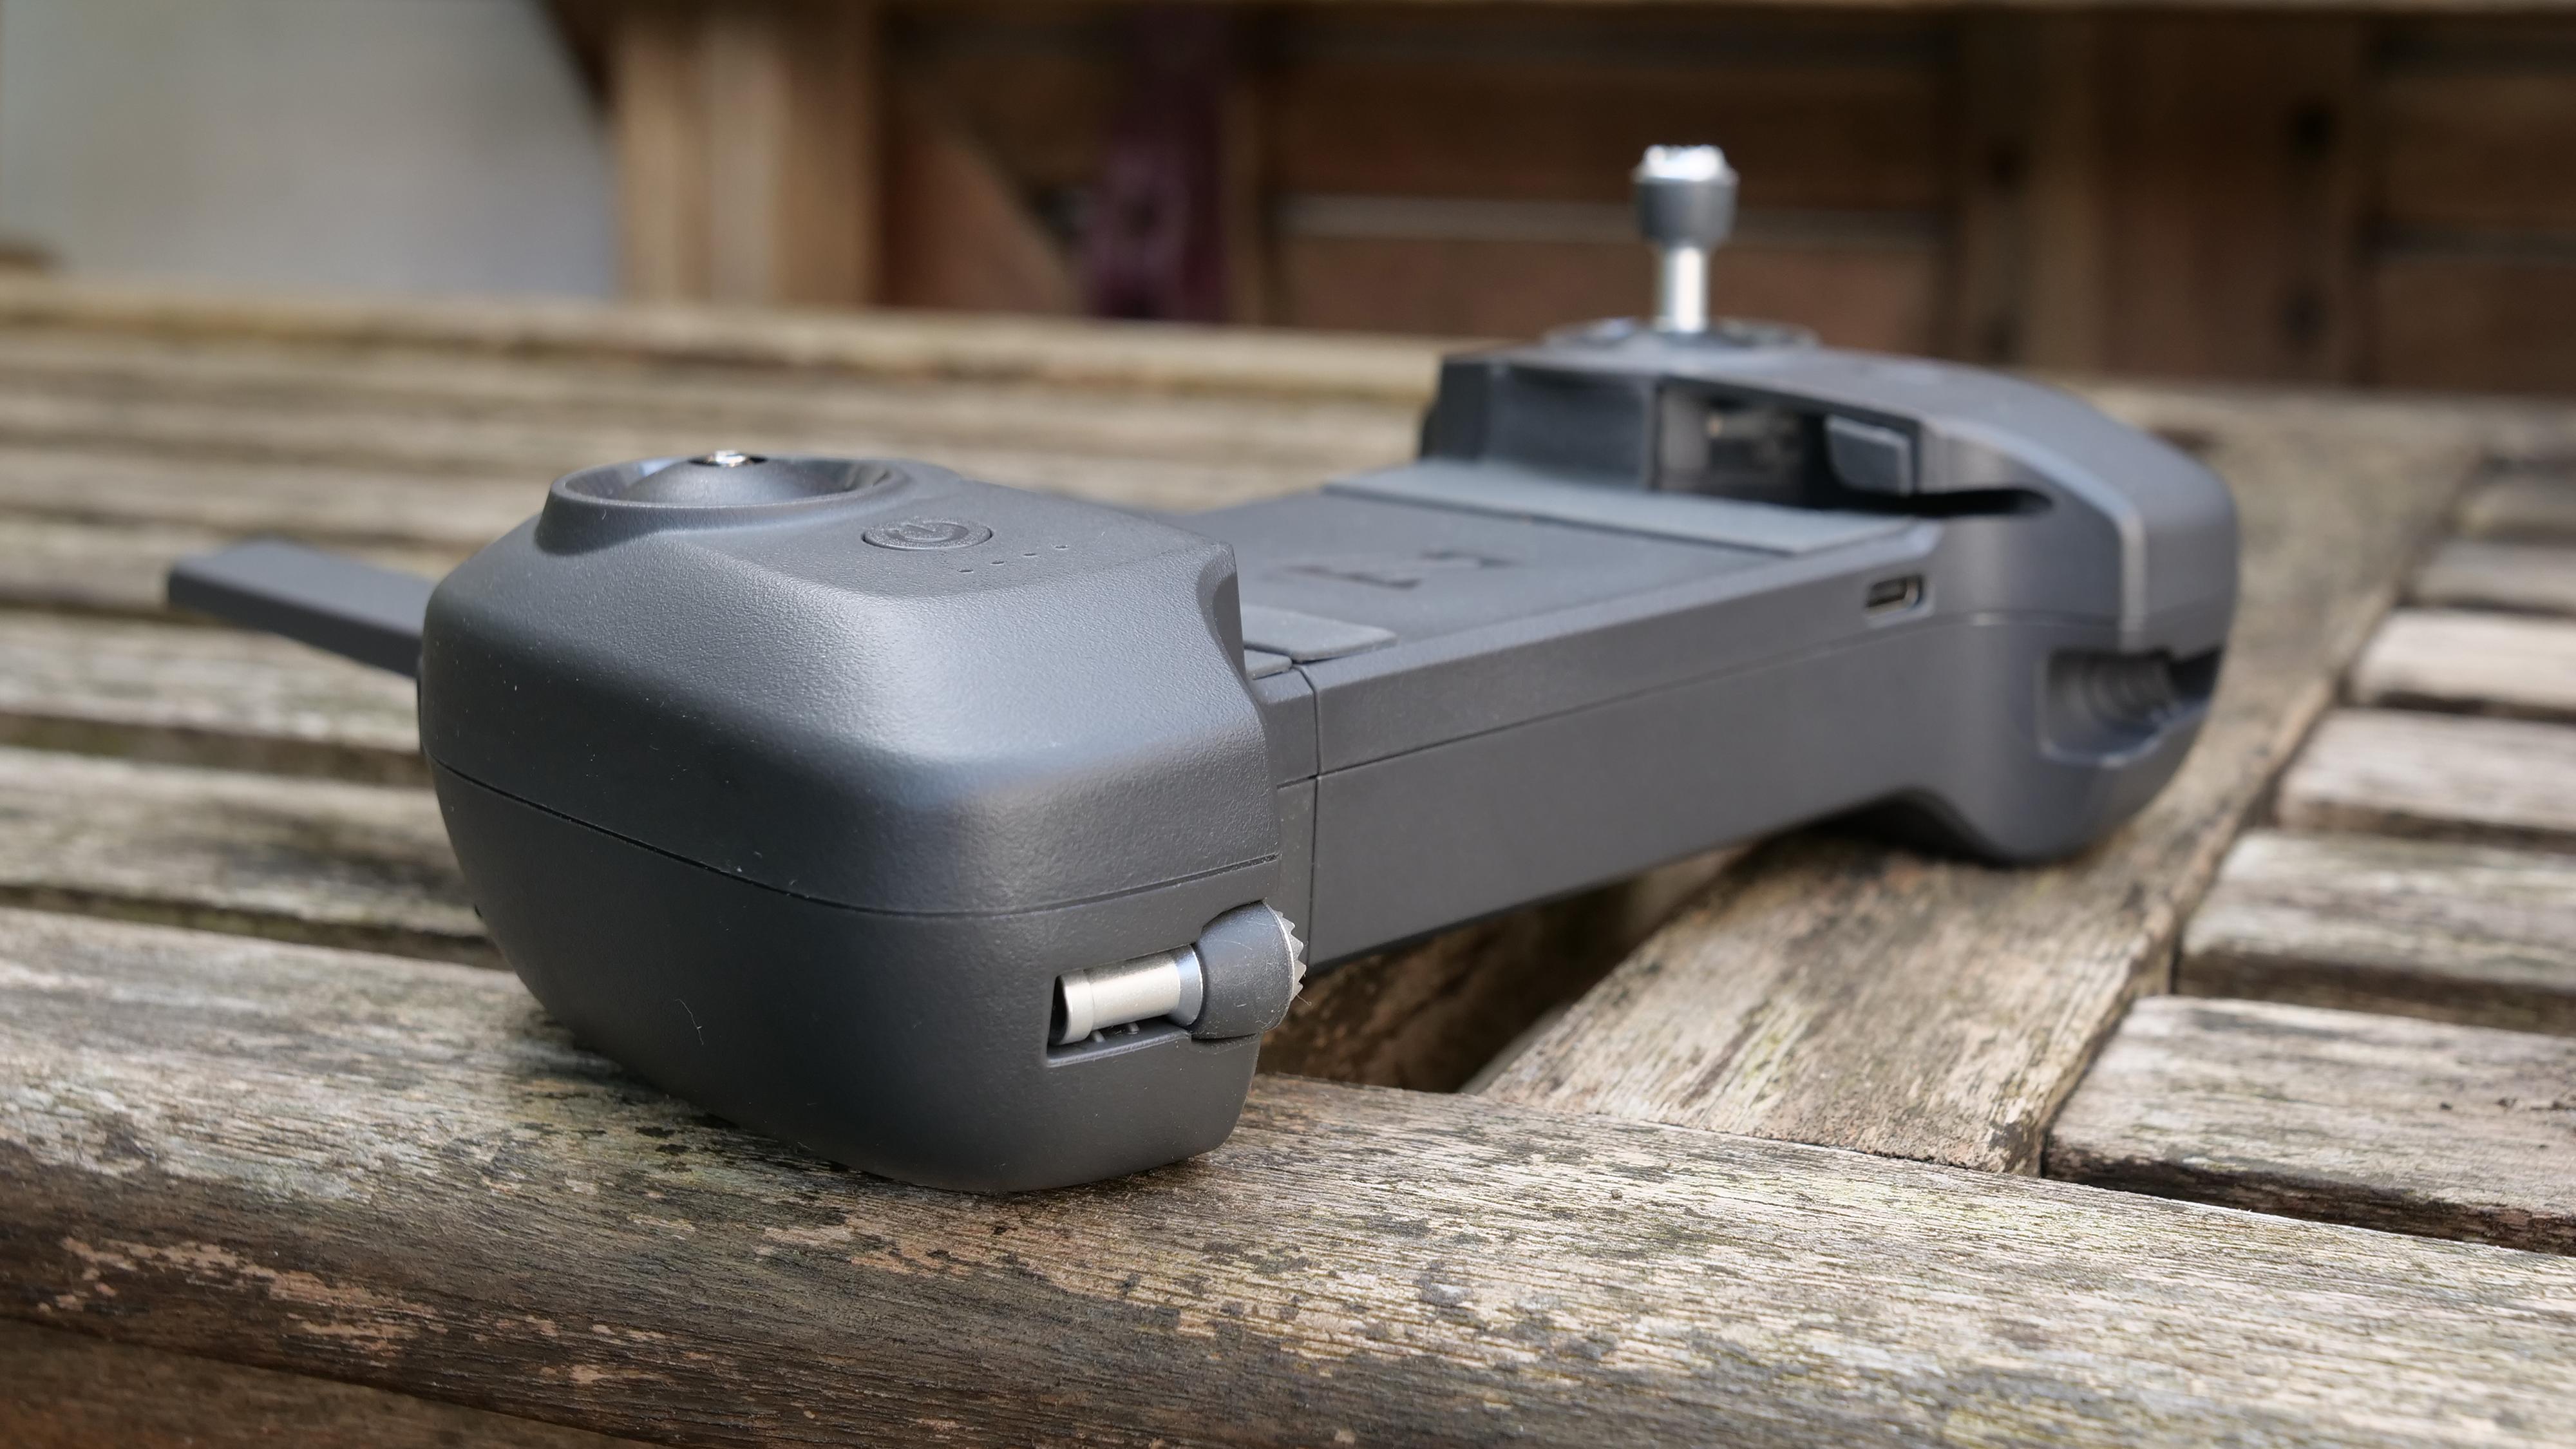 The FIMI X8 Mini drone's controller